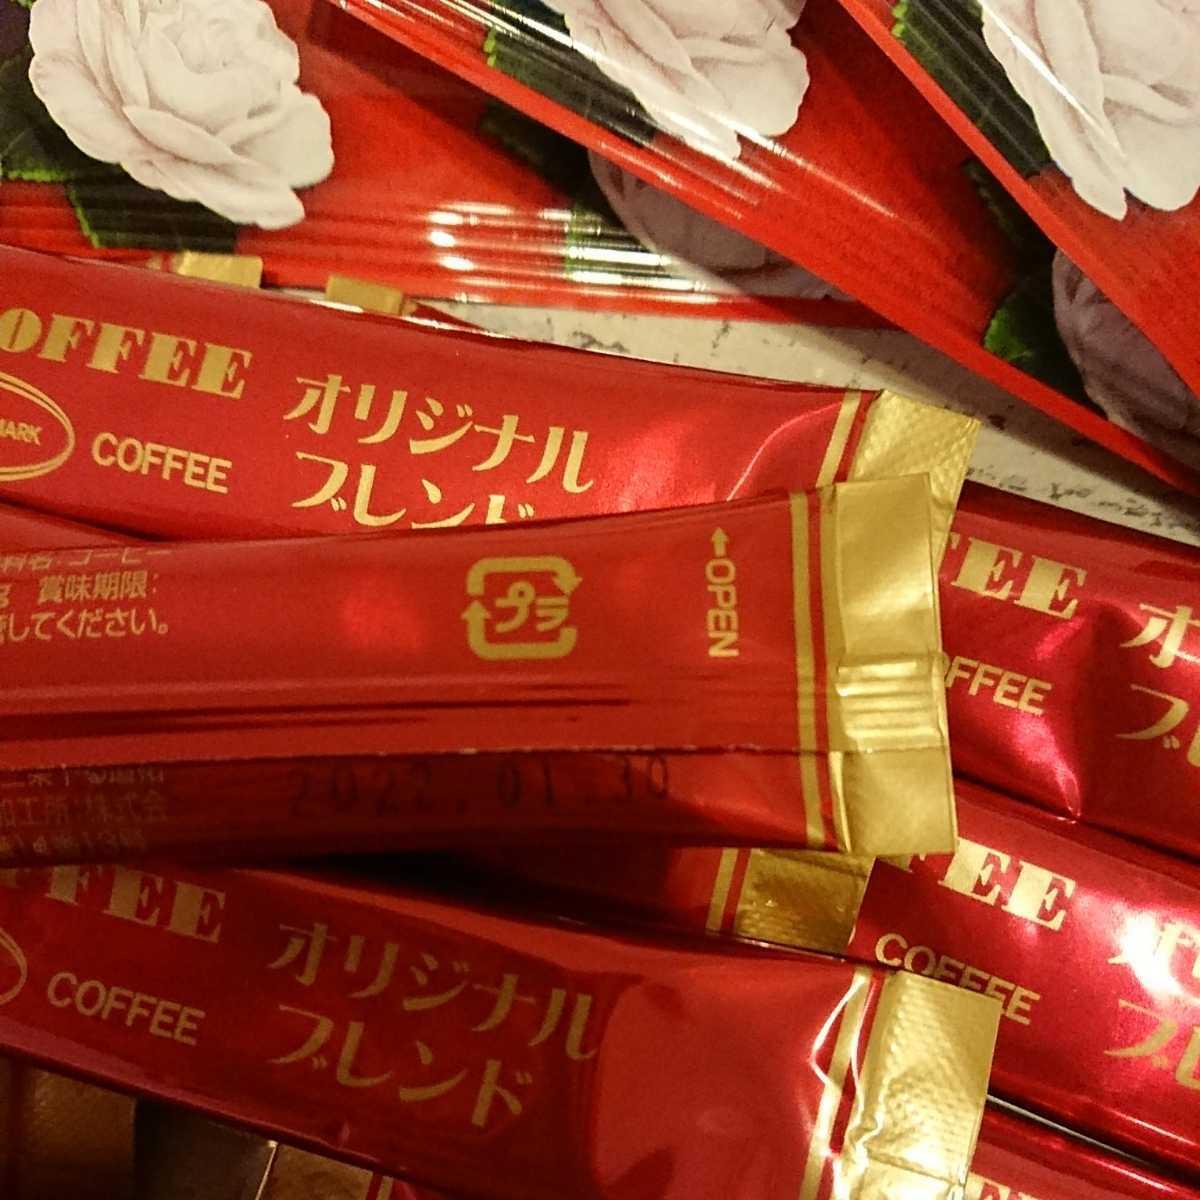 送料無料.*小川珈琲 ドリップコーヒー ・イノダコーヒー インスタントコーヒー飲み比べ_画像4